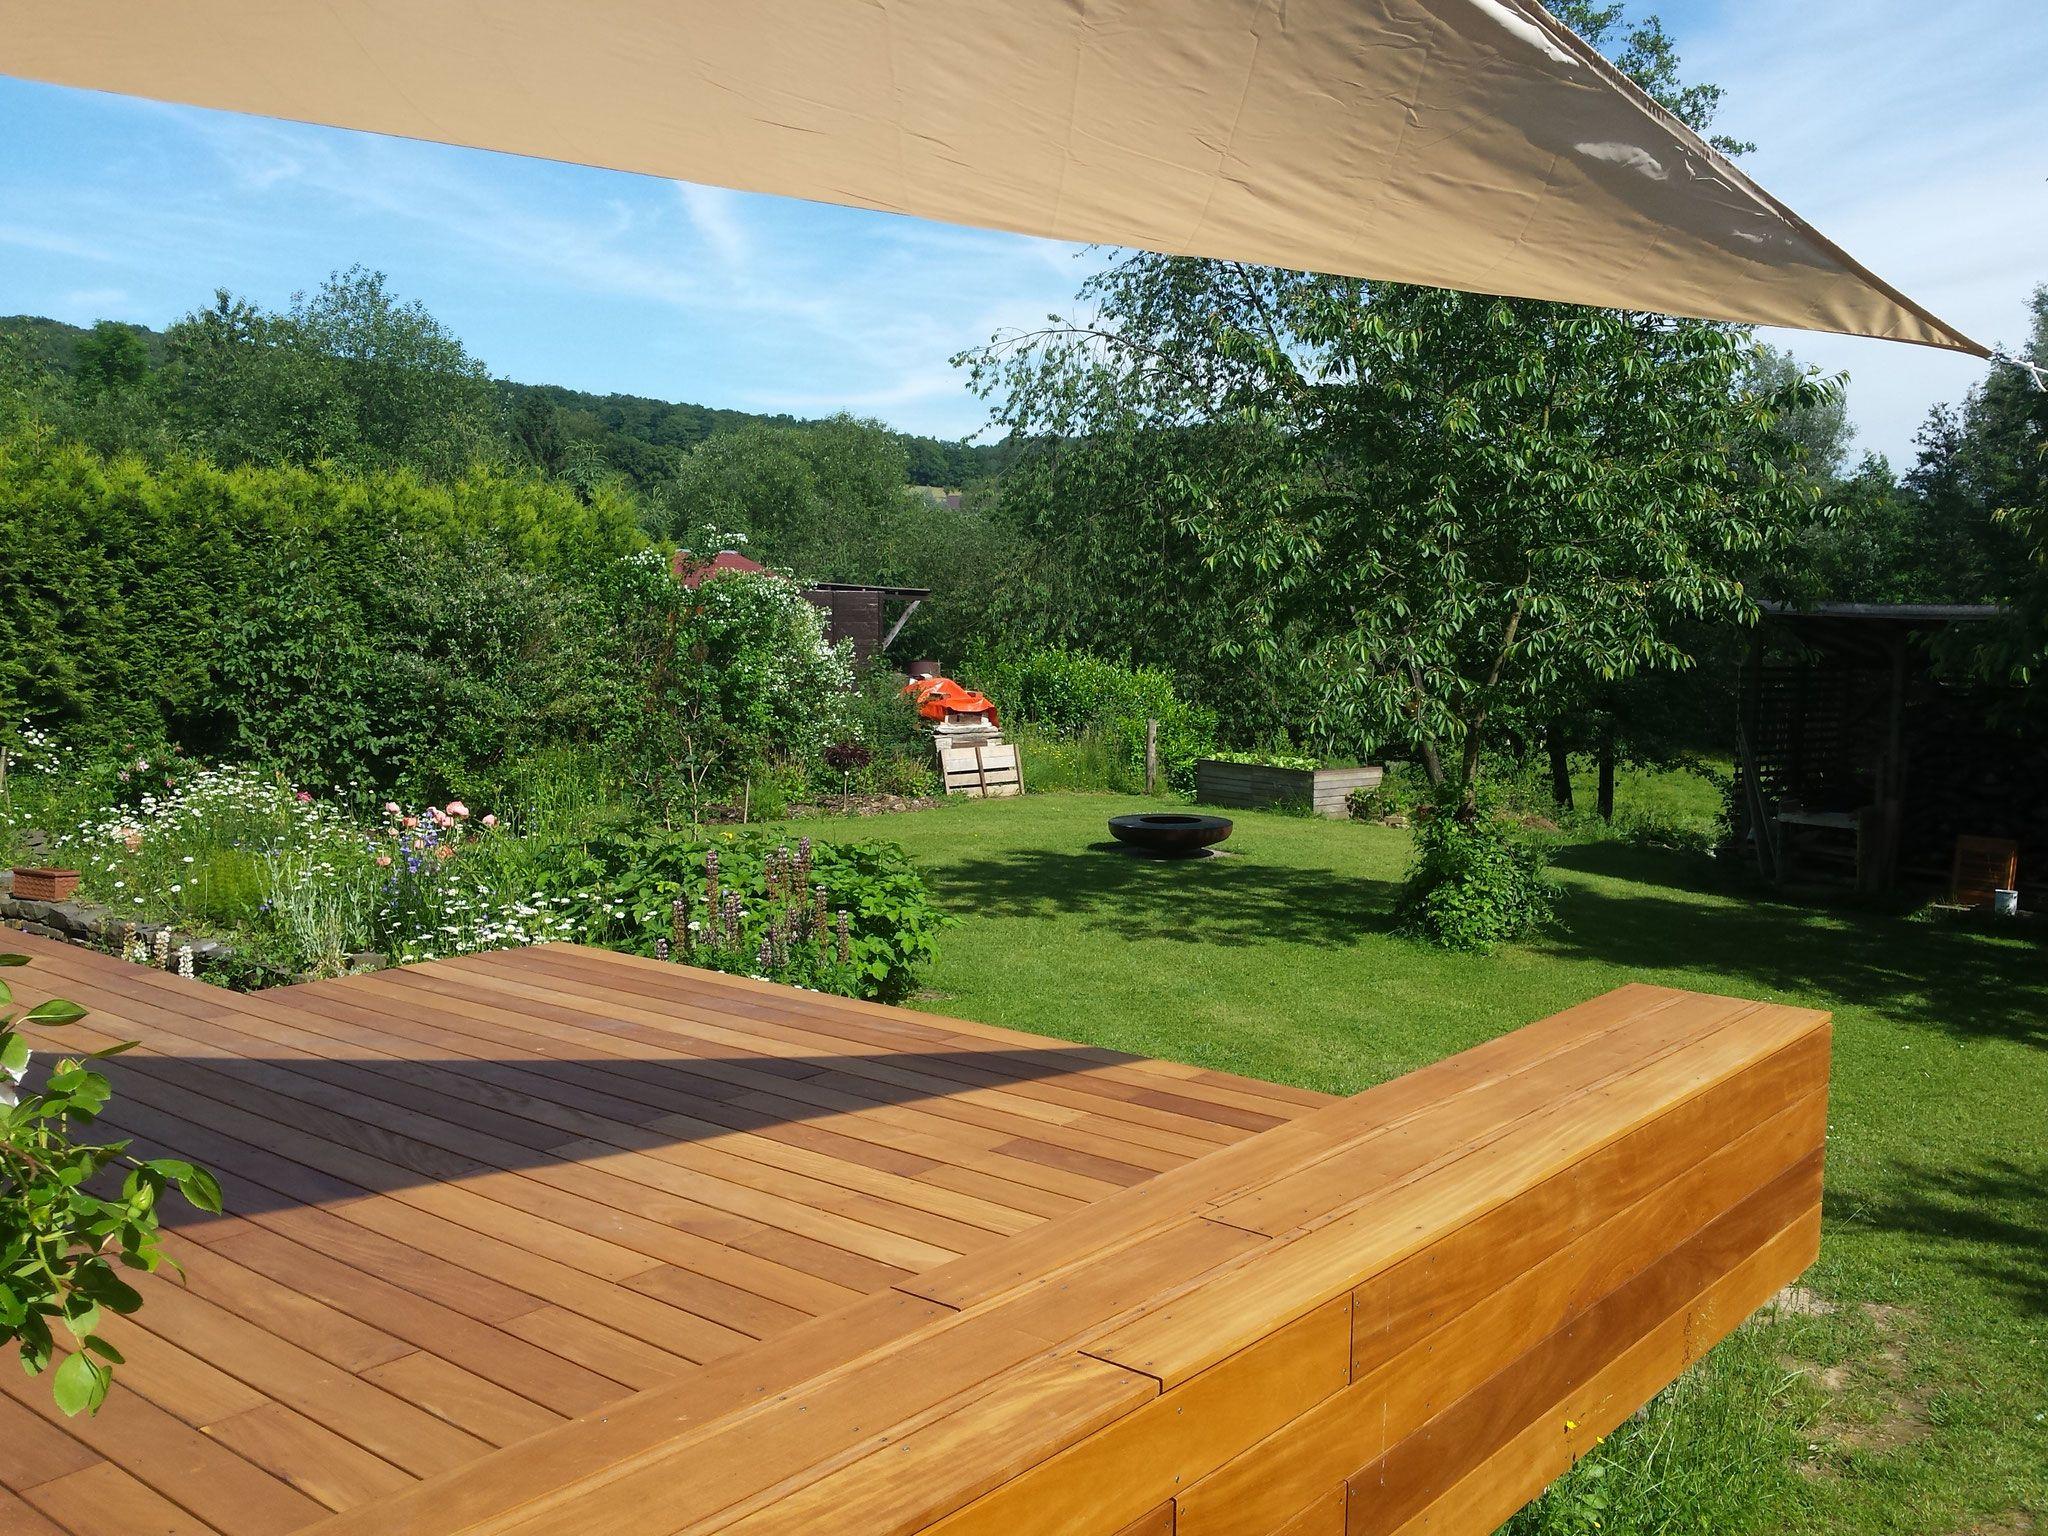 Erfahrungen Mit Garapa Terrassendielen Terrassendielen Holzterrasse Gartengestaltung